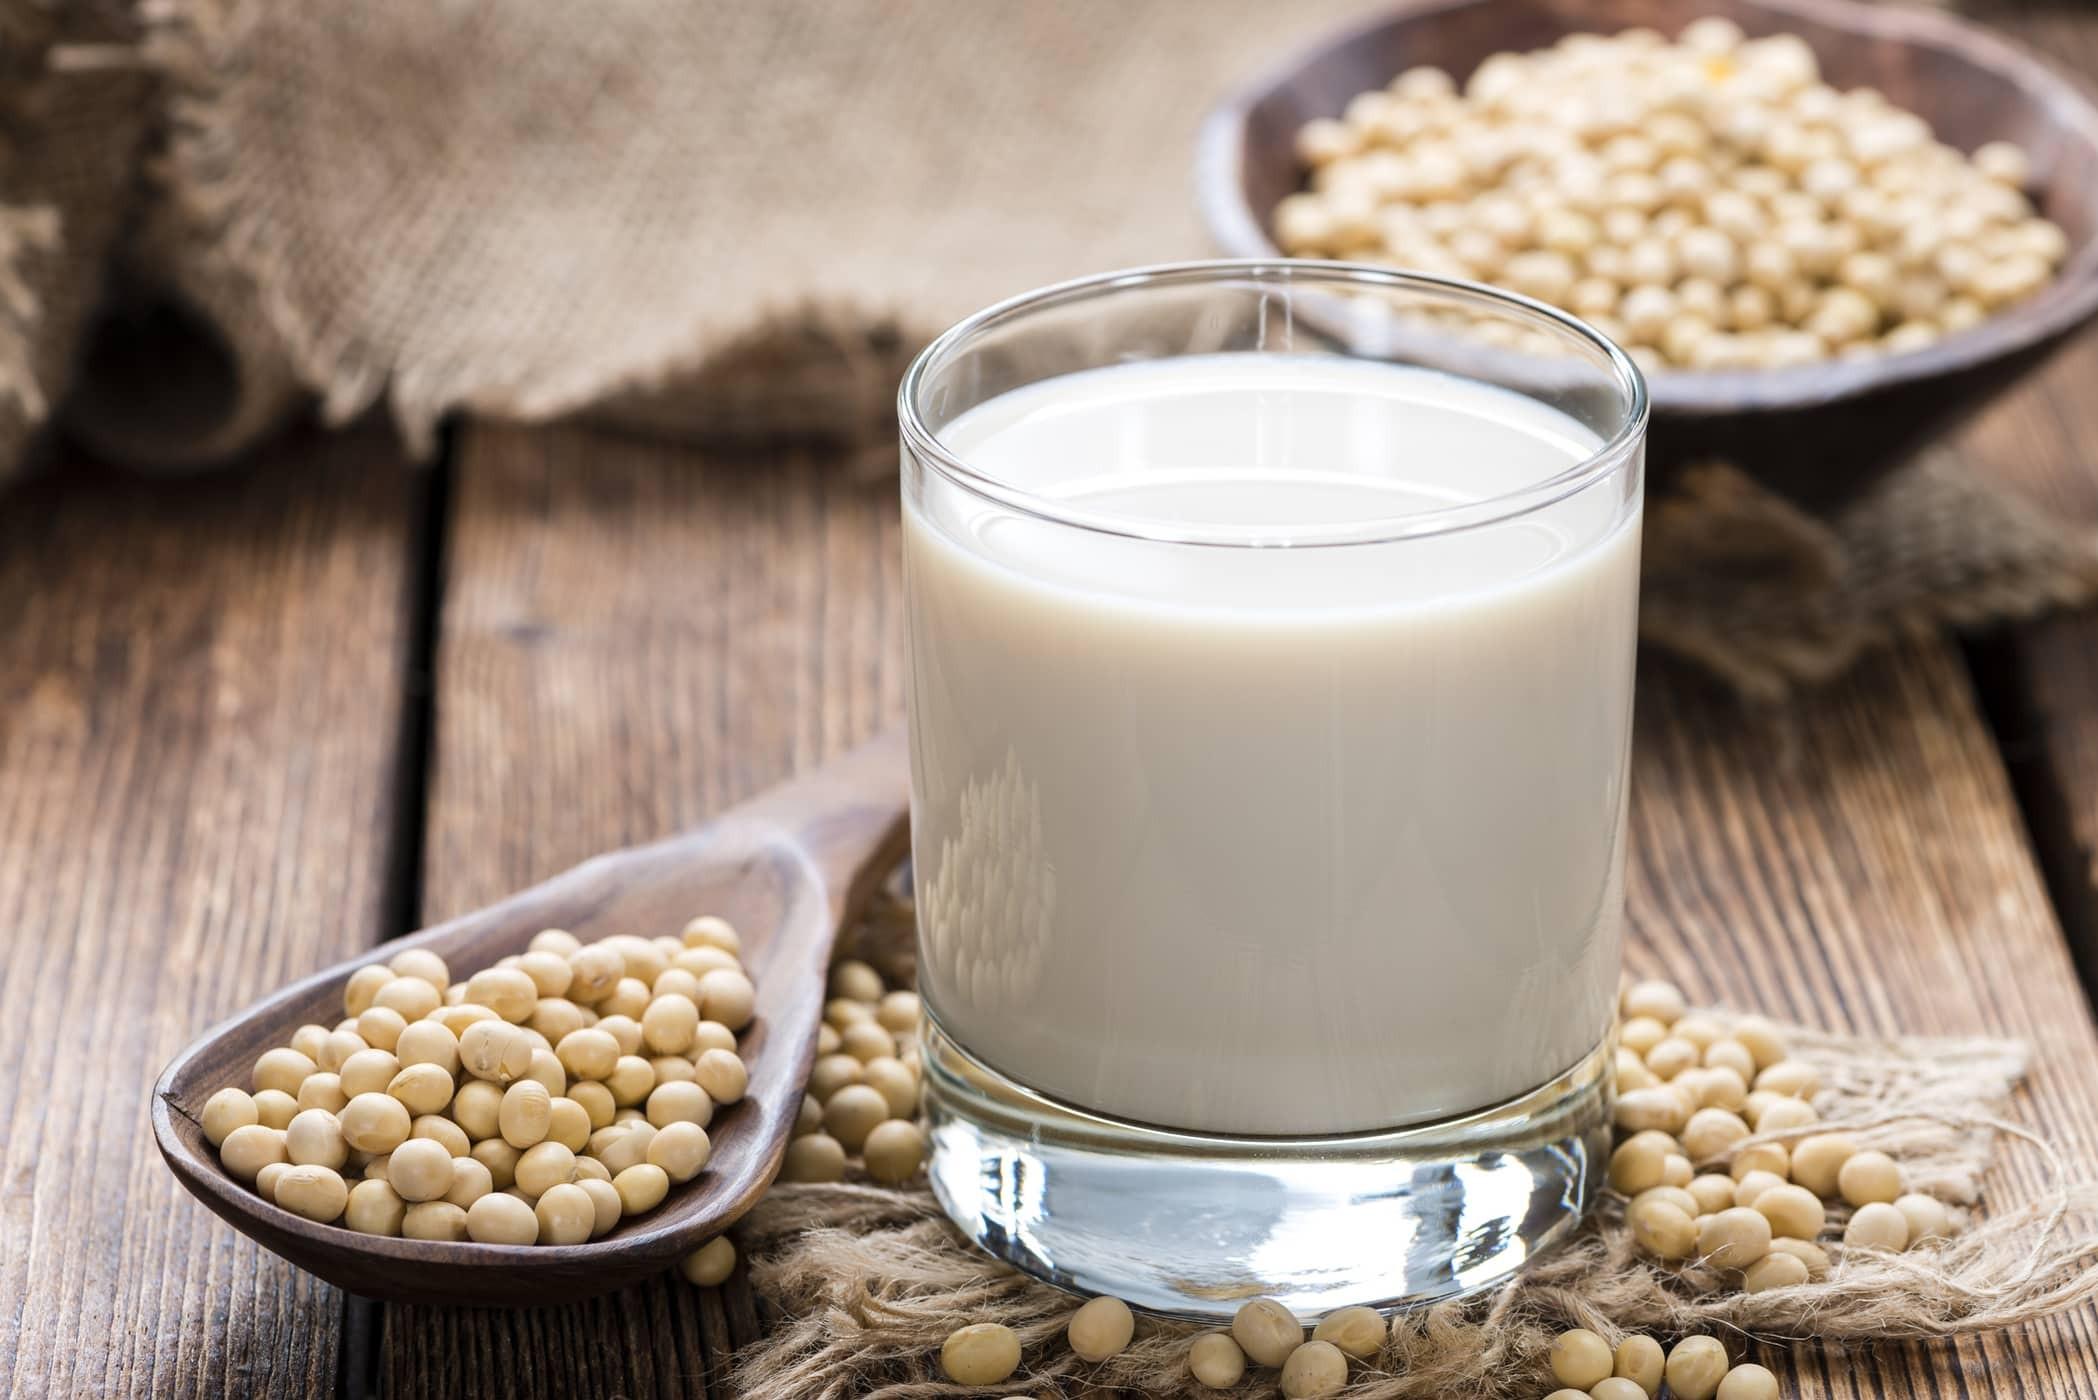 Những thành phần quan trọng có trong sữa đậu nành